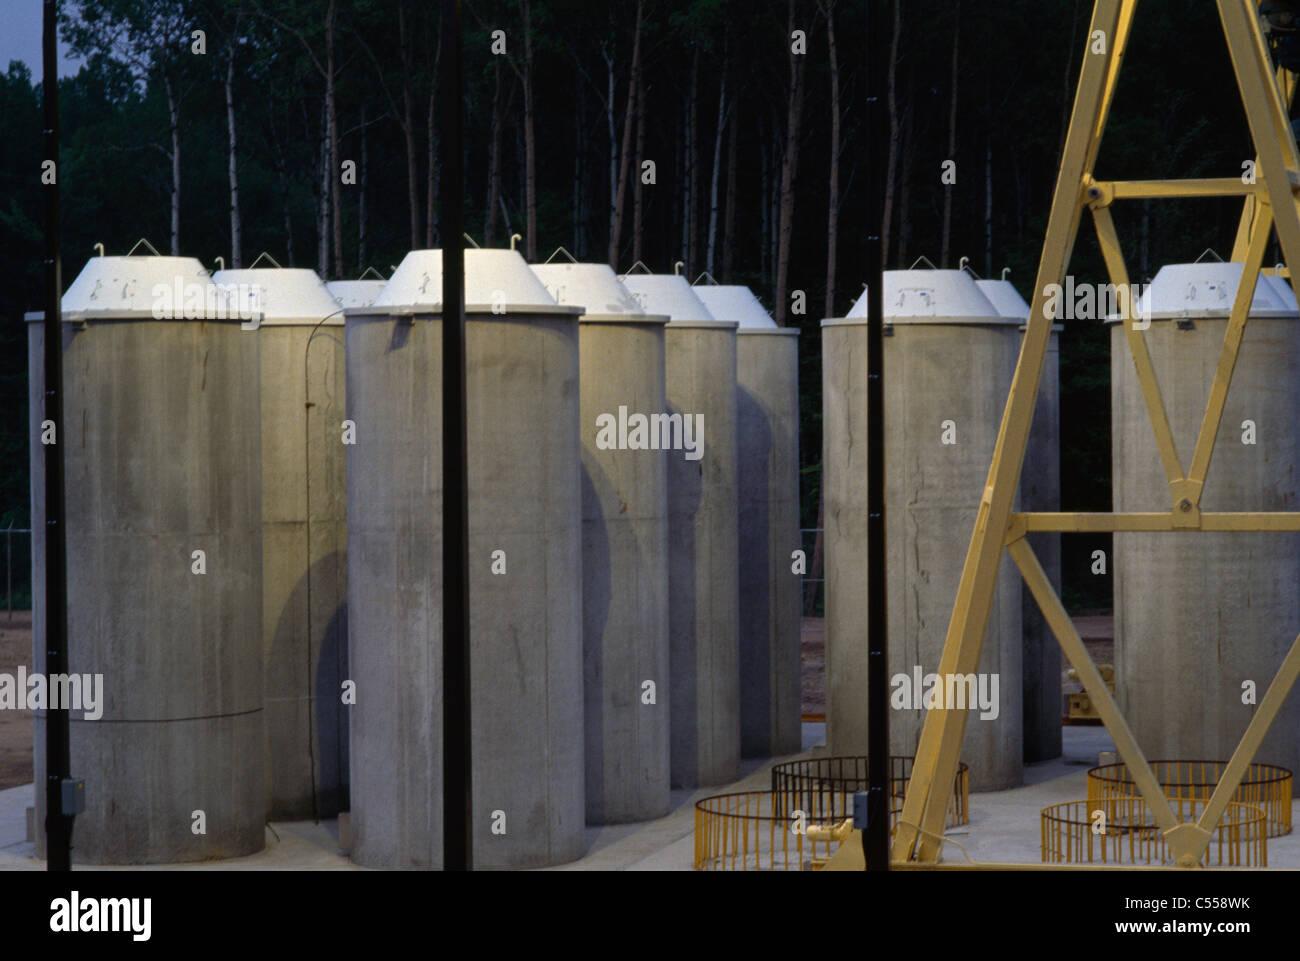 Le Canada, l'Ontario, Laboratoire de recherche nucléaire de Chalk River, de stockage des déchets radioactifs, des conteneurs en béton Banque D'Images